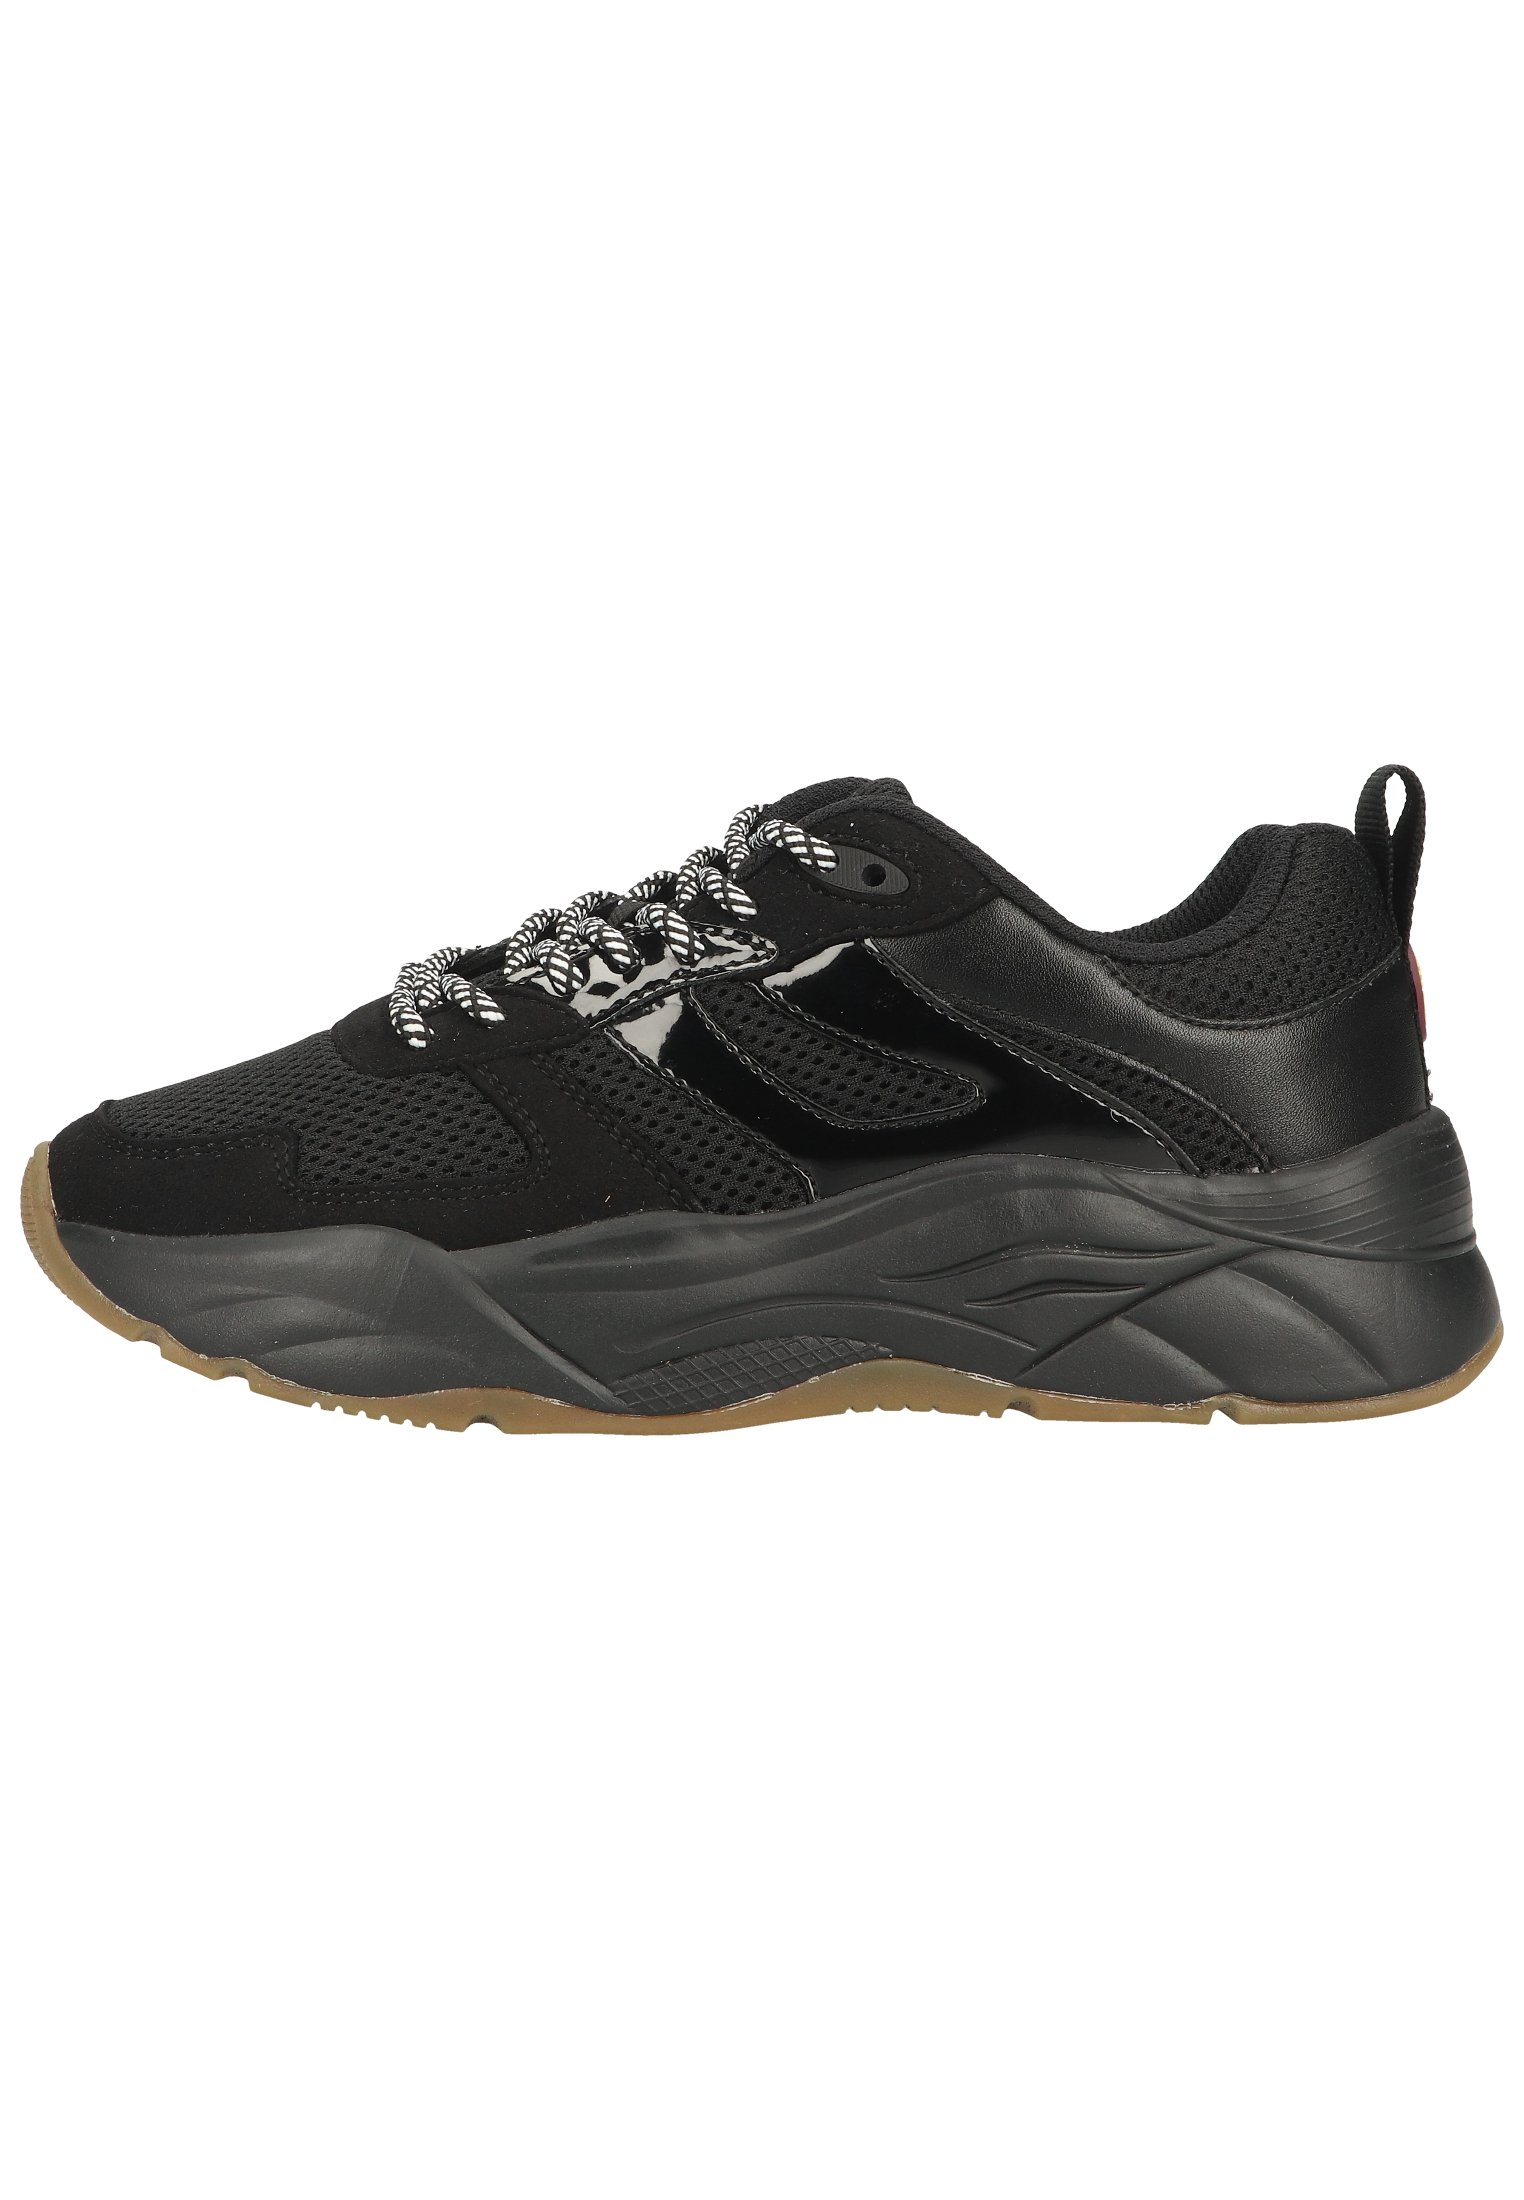 Femme CELEST - Baskets basses - black